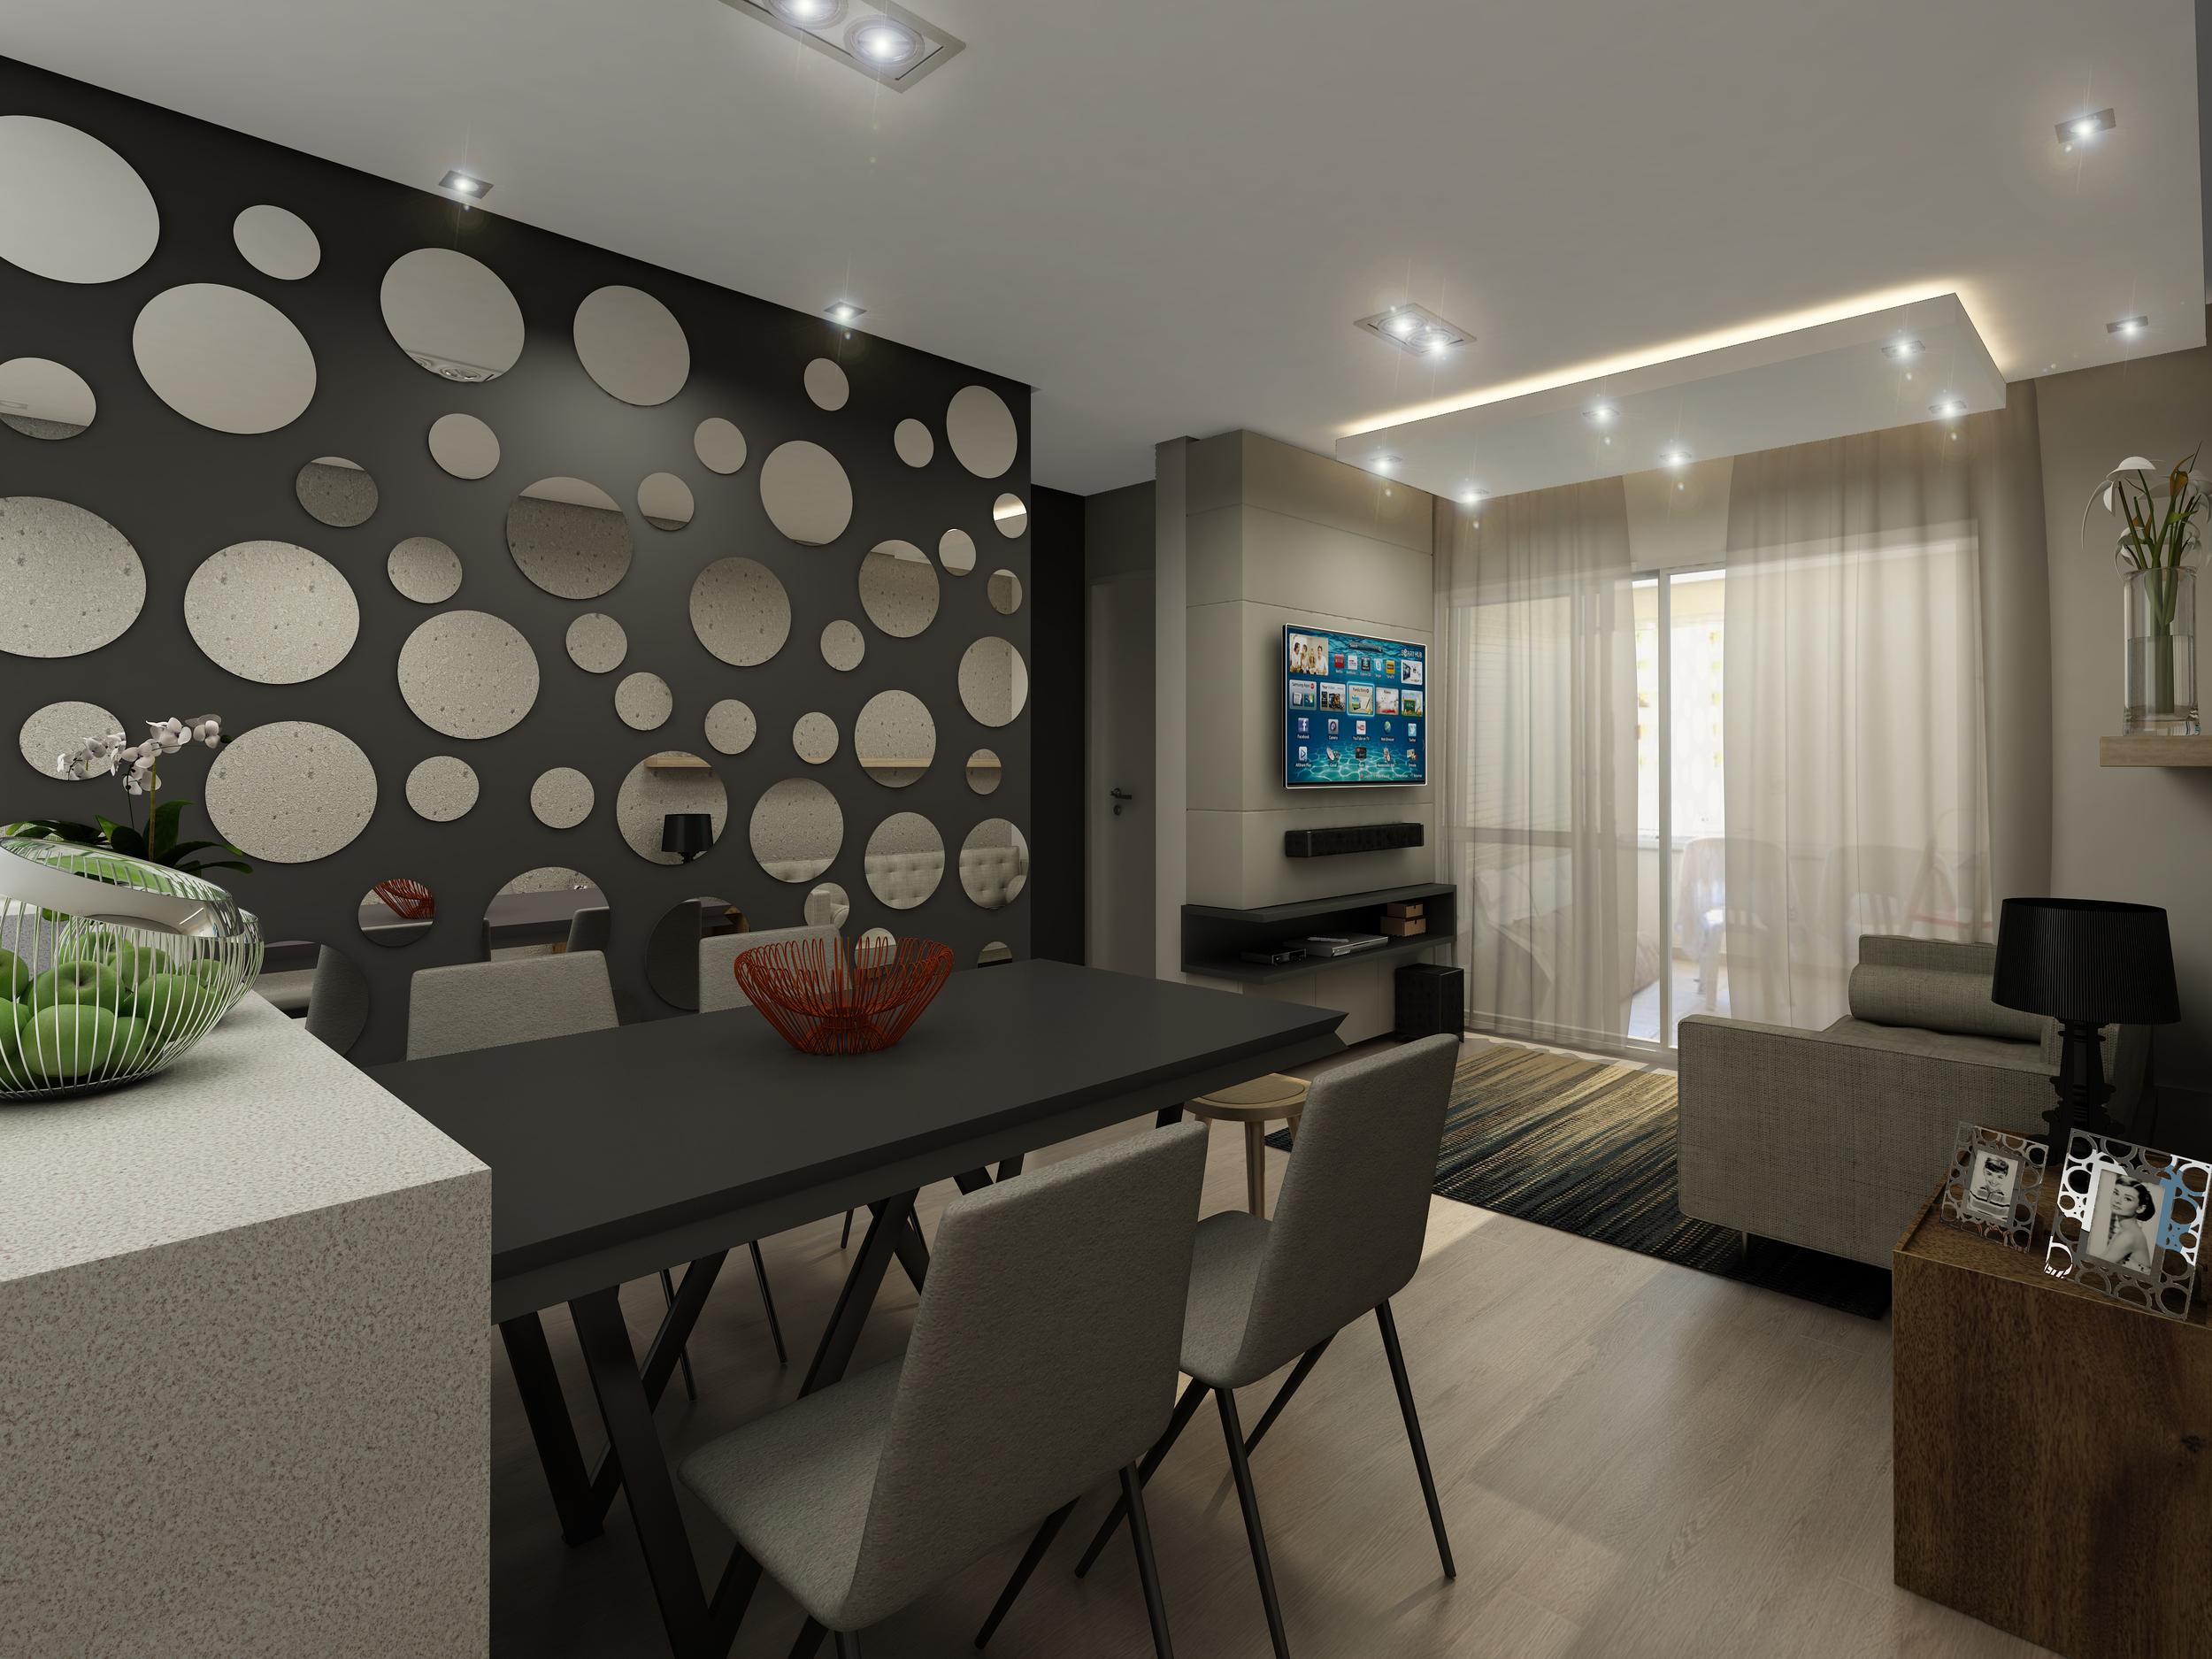 Sala de Jantar e Estar  Apto Paula Ney - Vila Mariana - São Paulo / SP - 70 m2  Projeto: Madi Arquitetura & Design  Imagem: Érica Alfieri